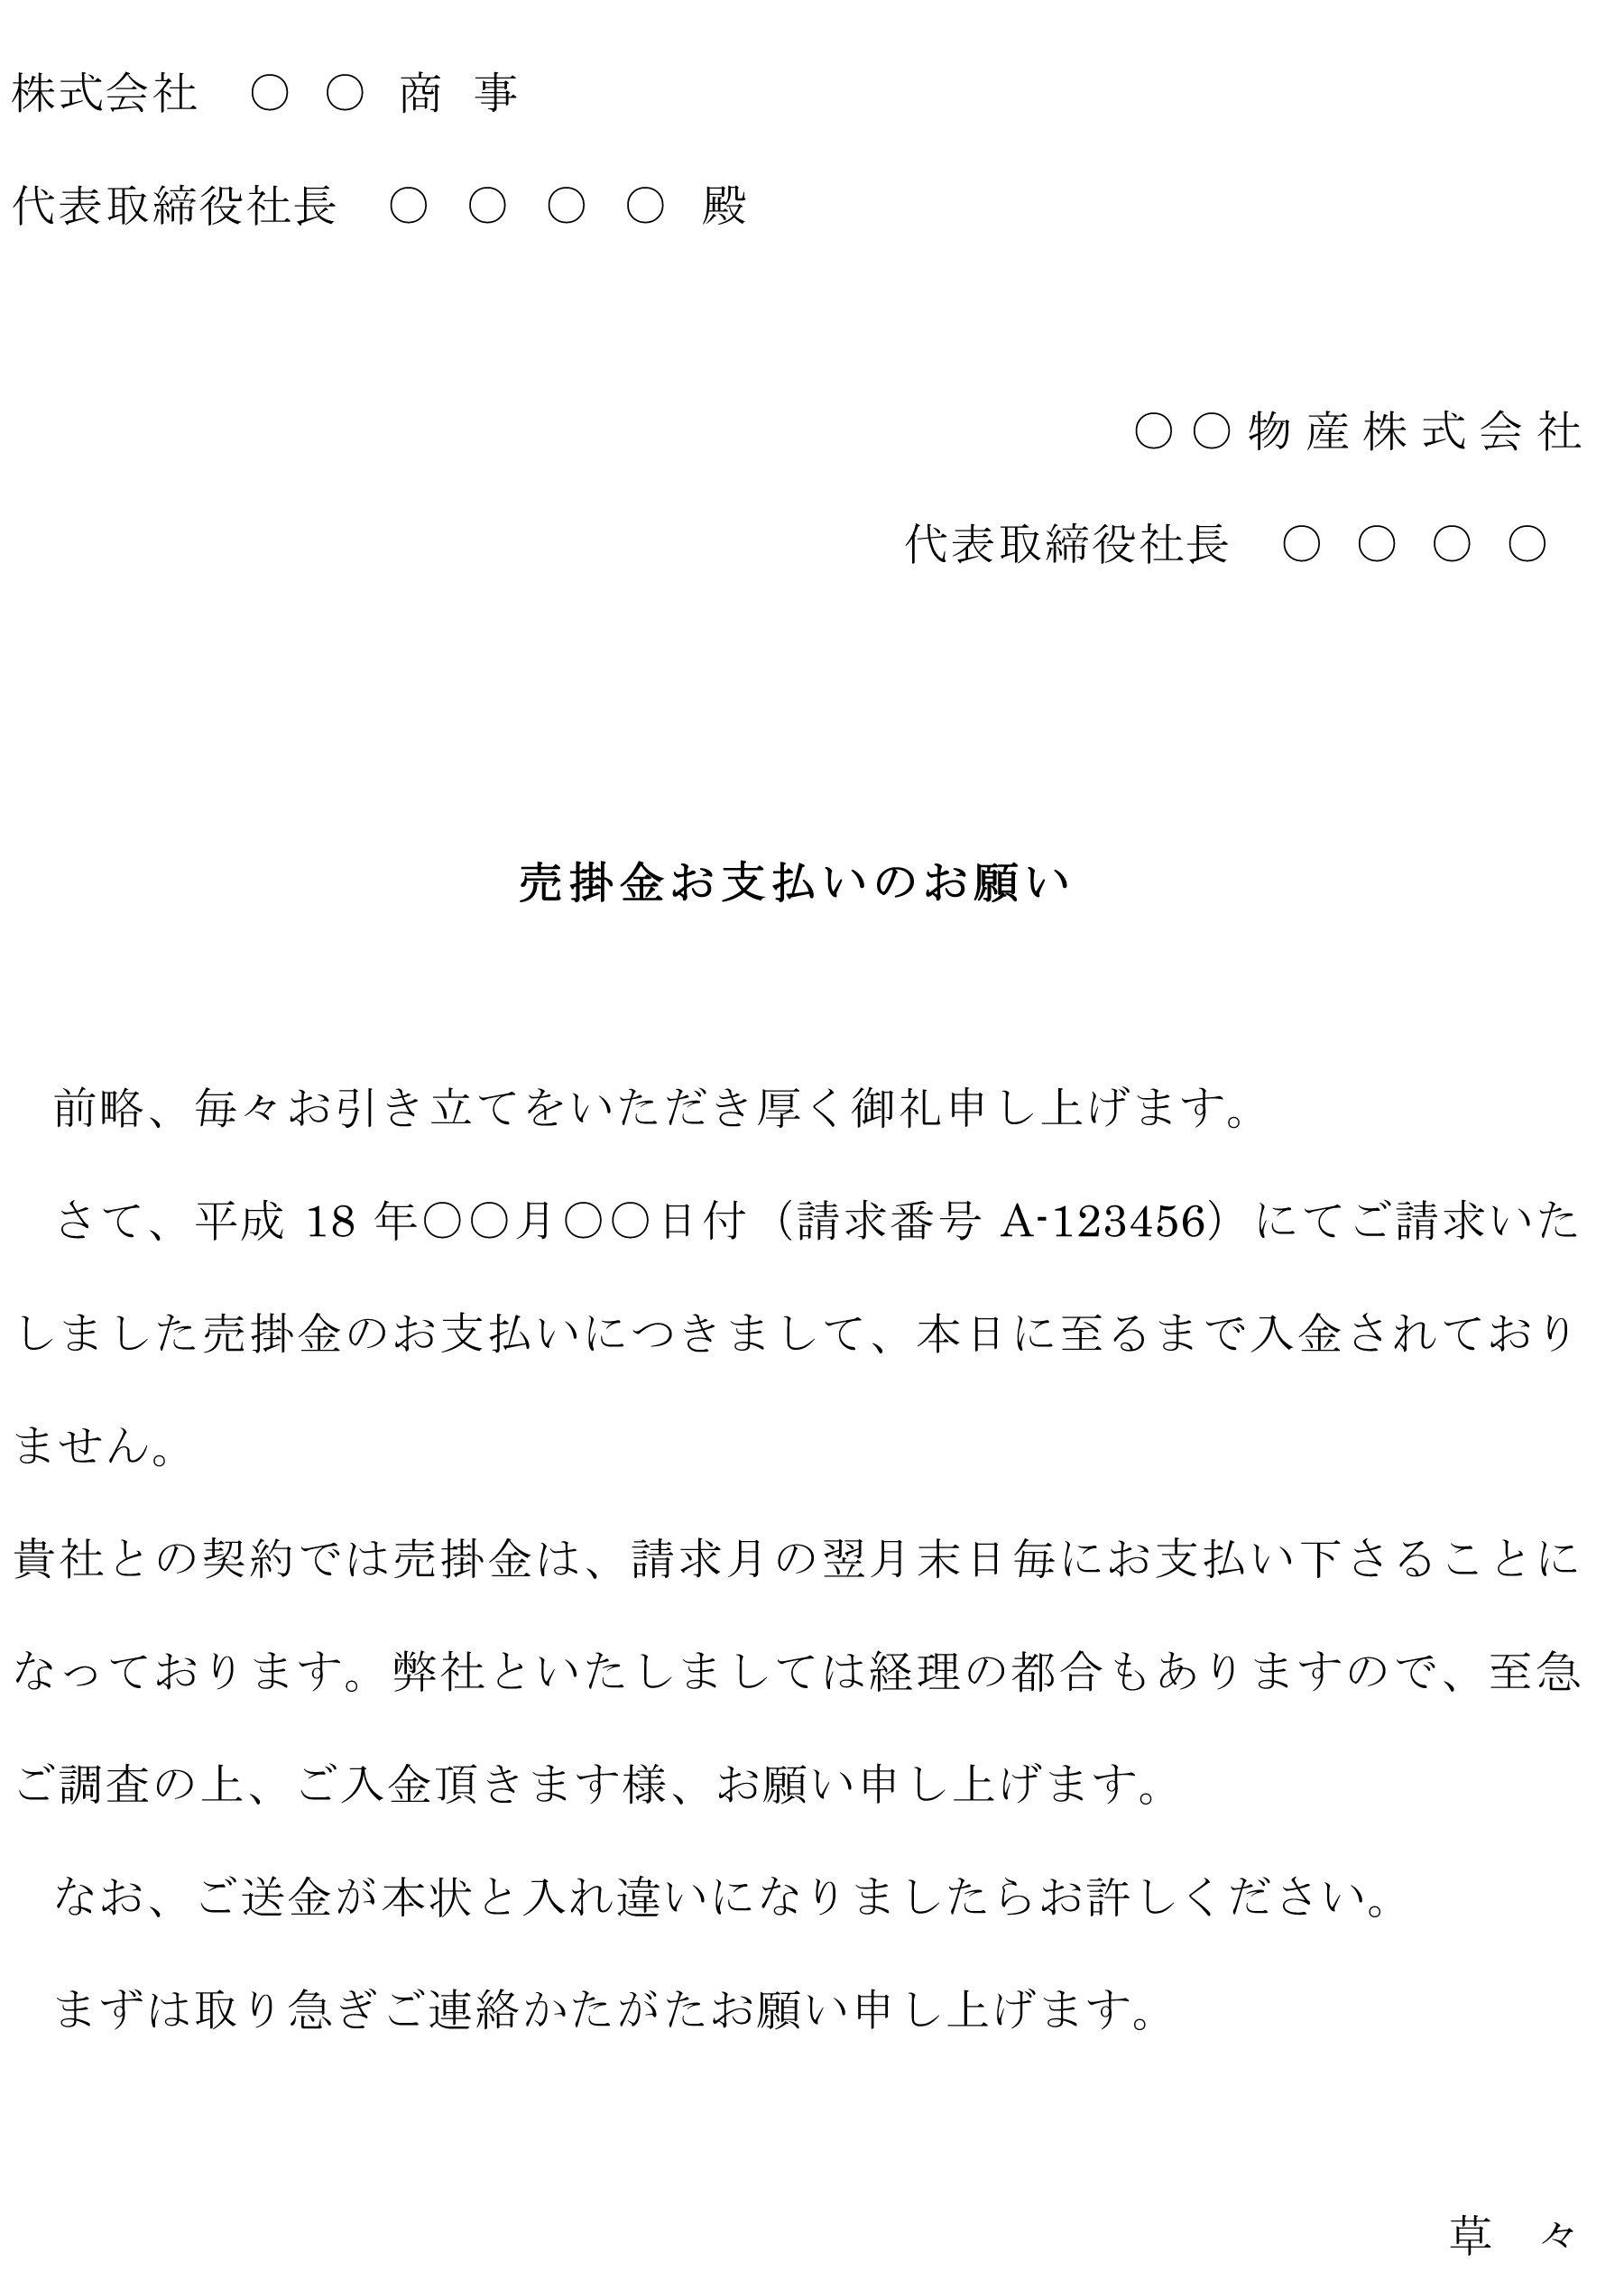 督促状(売掛金支払い)01